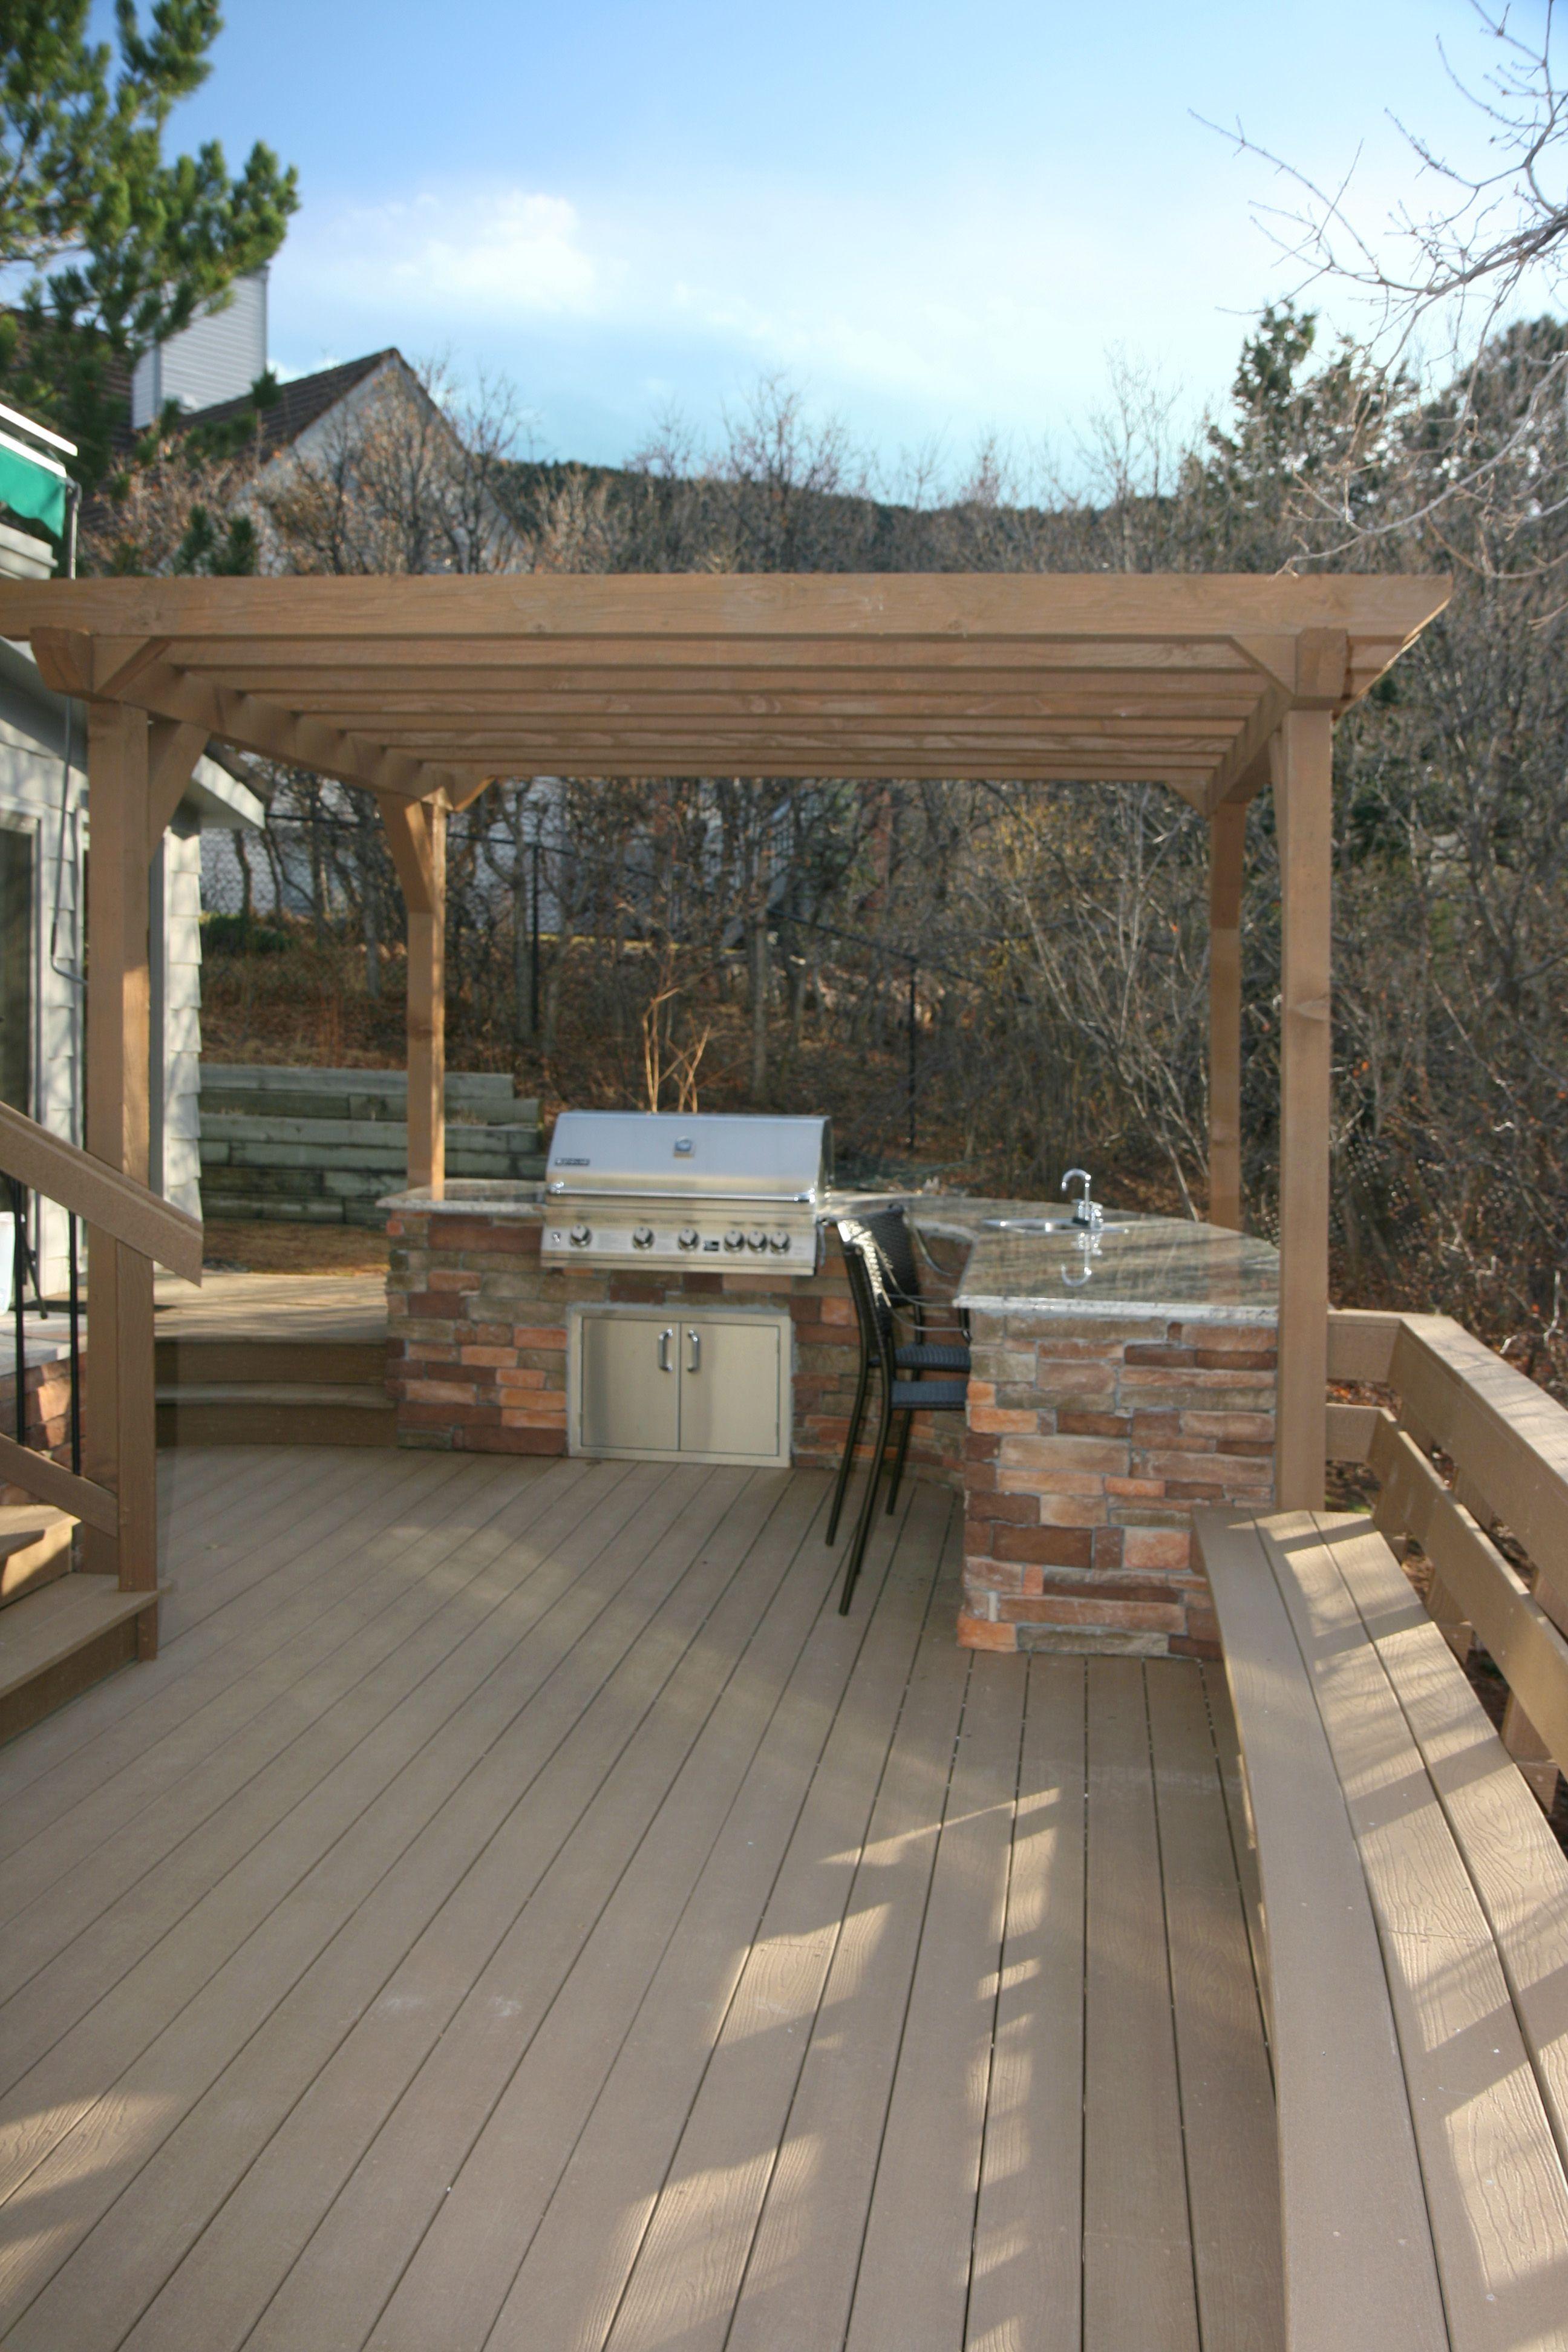 Bella Giardino Landscape And Garden Design Colorado Springs Co Outdoor Kitchen Garden Design Patio